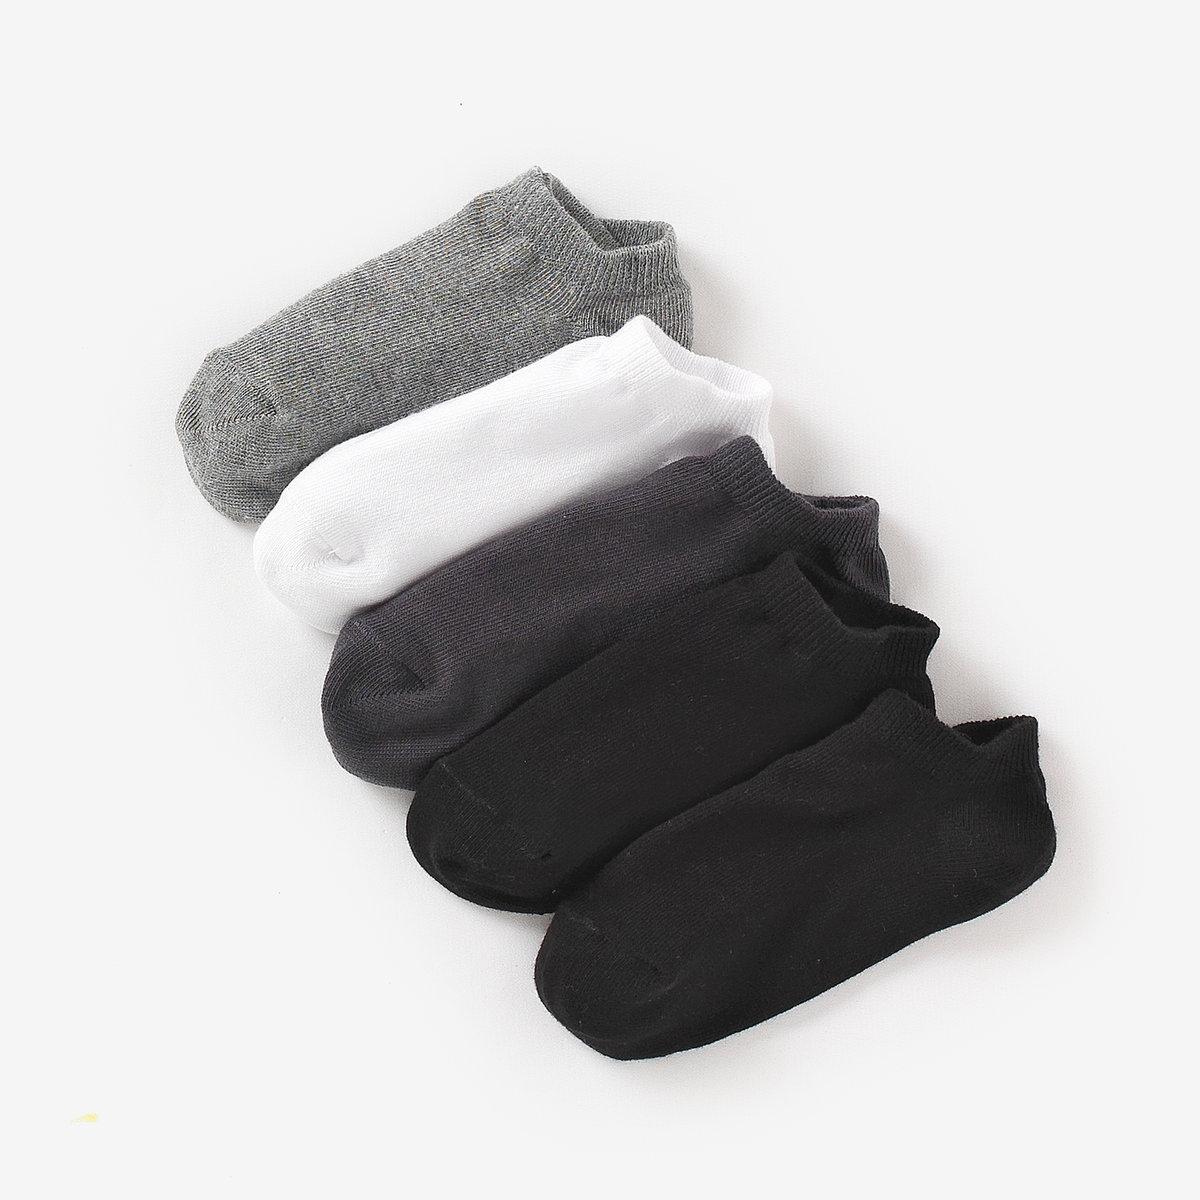 все цены на Комплект из 5 пар однотонных носков онлайн